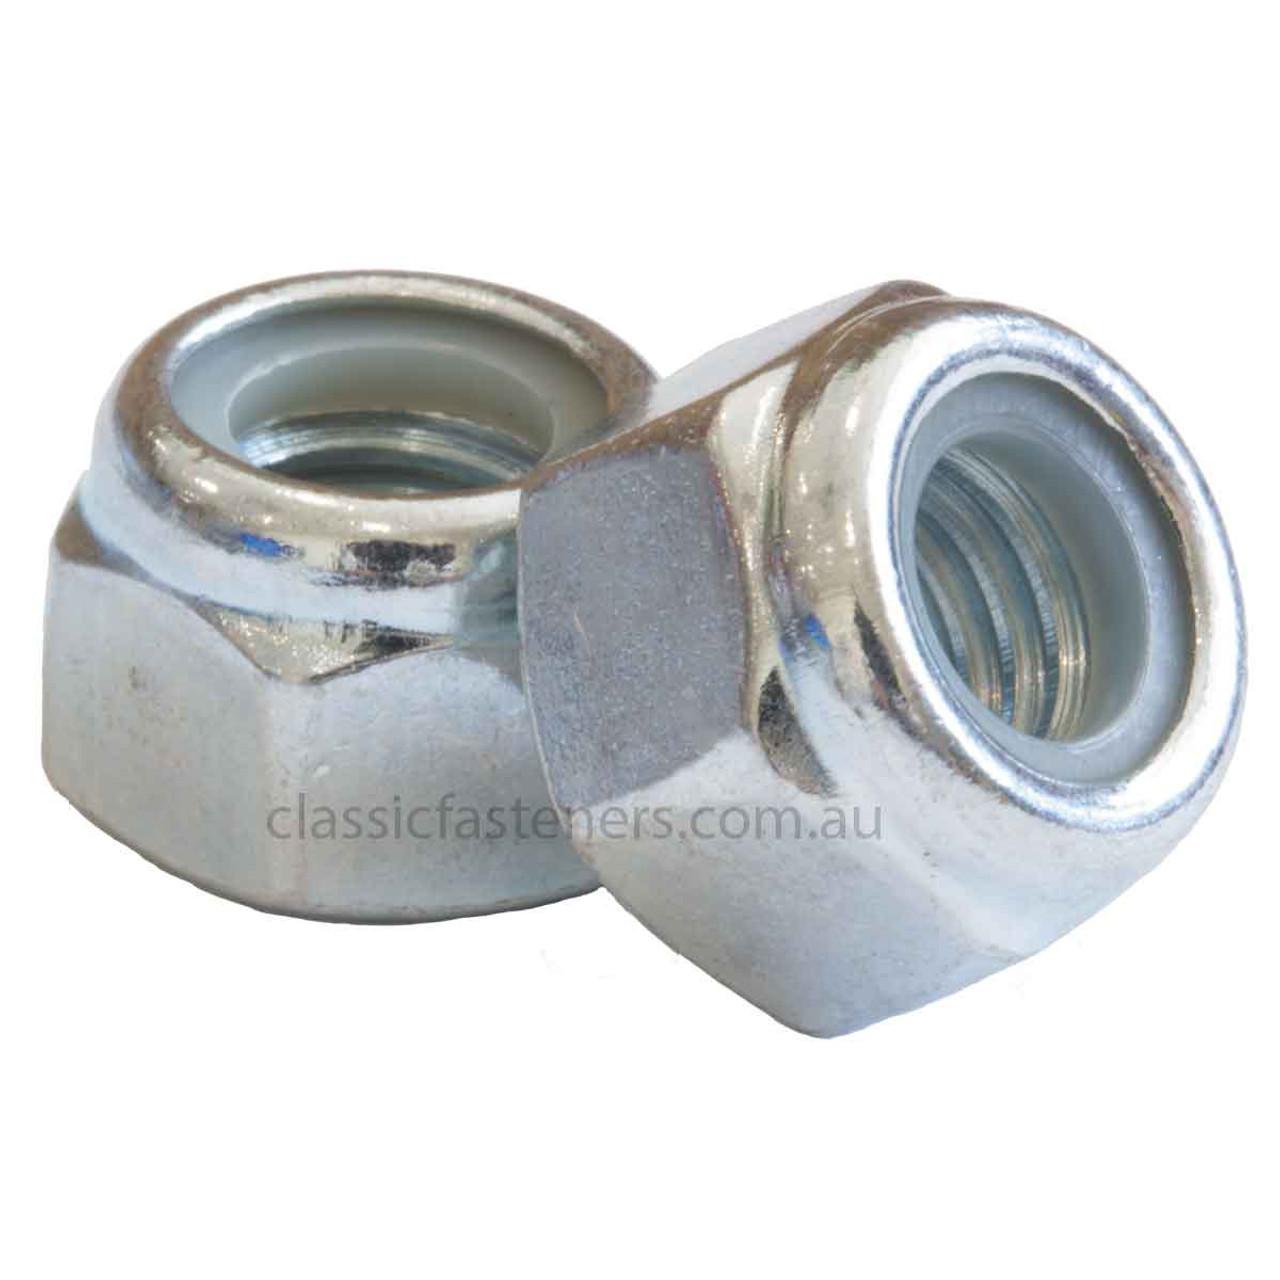 3/8 - 16 UNC Nylon Insert Lock Nut Class C Zinc